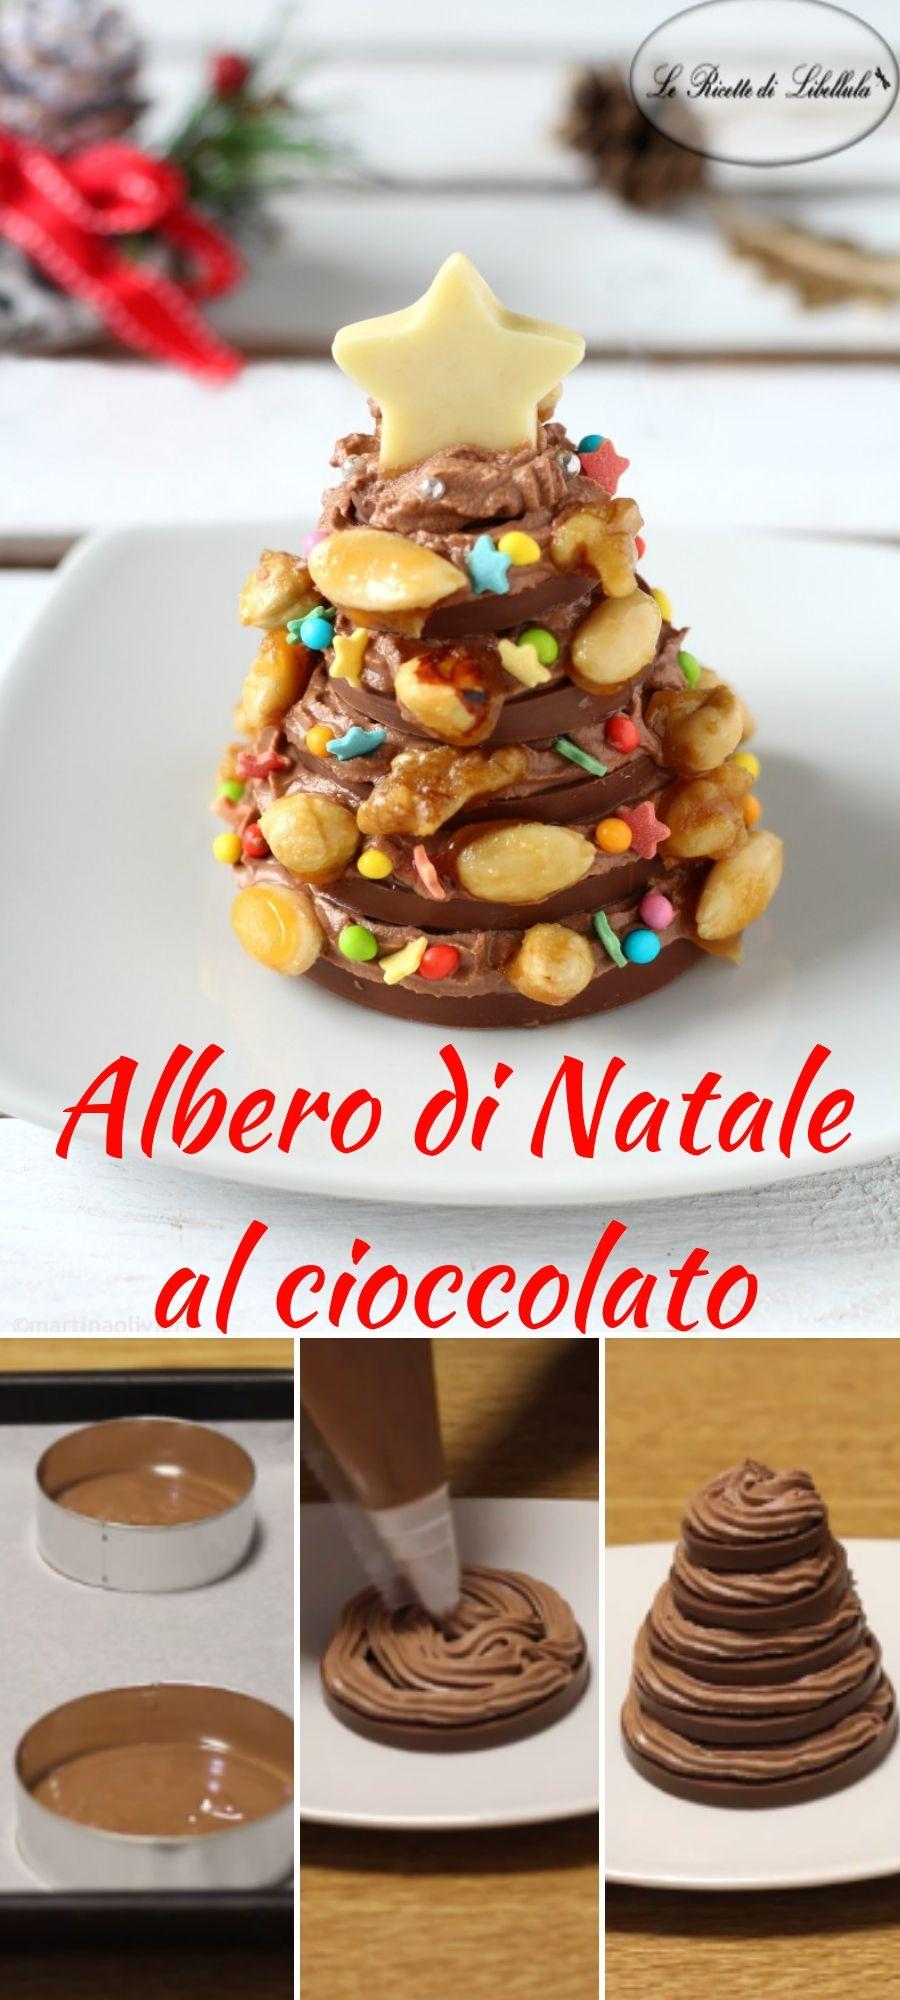 Dolci Natalizi Al Cioccolato.L Albero Di Natale Al Cioccolato Con Frutta Secca E Un